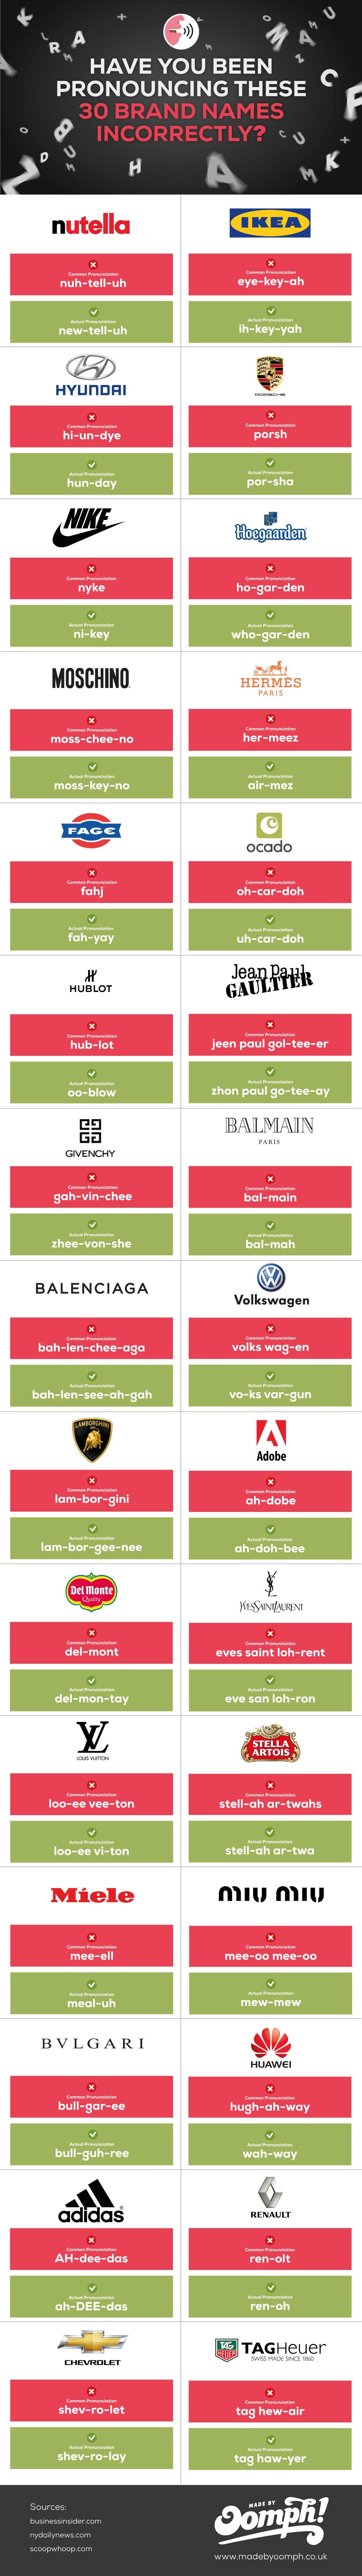 30 nombres de marcas que has estado pronunciando incorrectamente